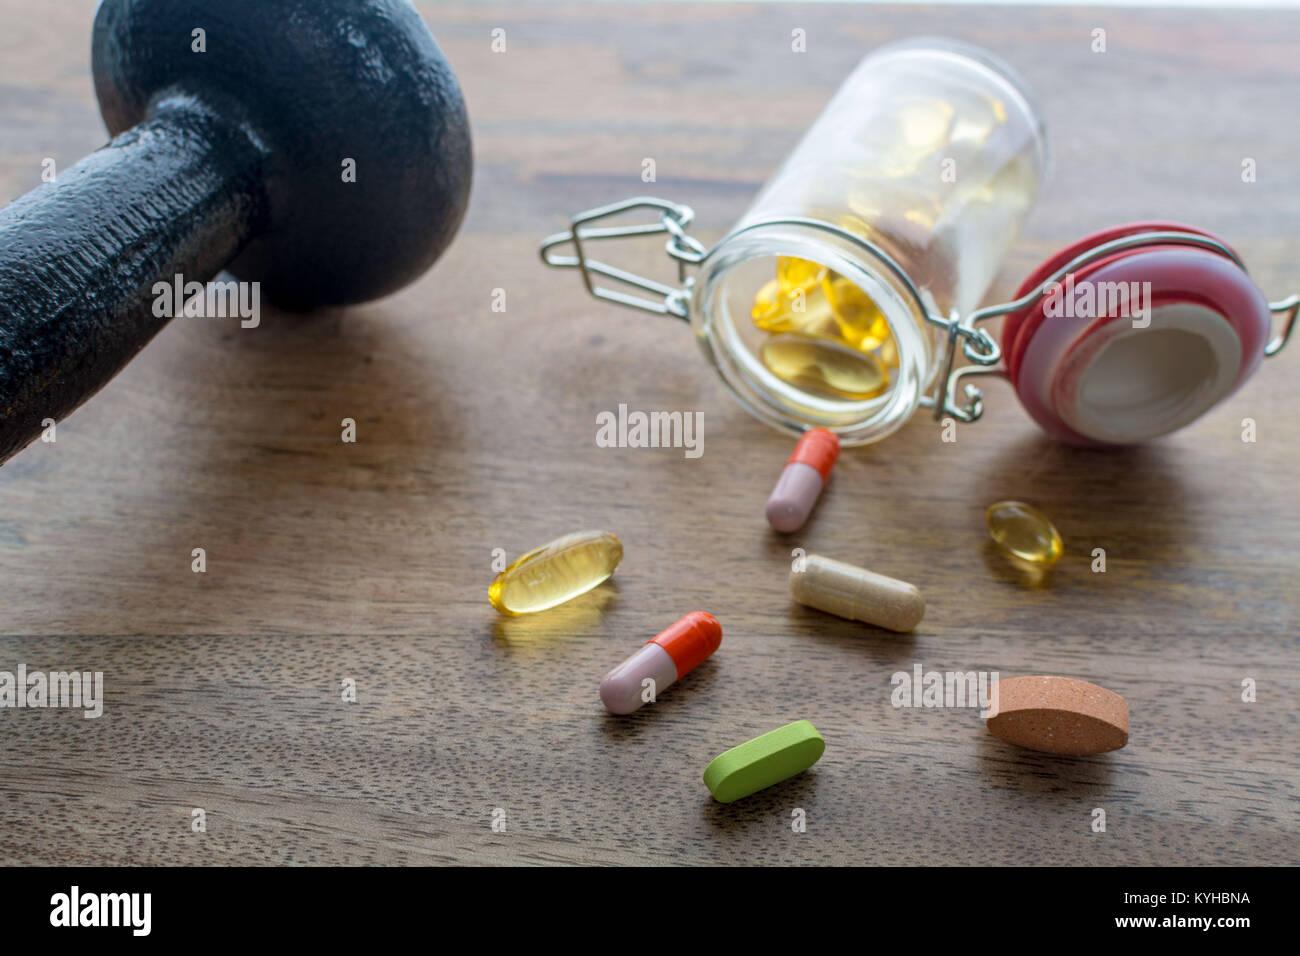 Primo piano sul manubrio e integratori alimentari sul tavolo di legno: fitness e perdita di peso del concetto. Immagini Stock